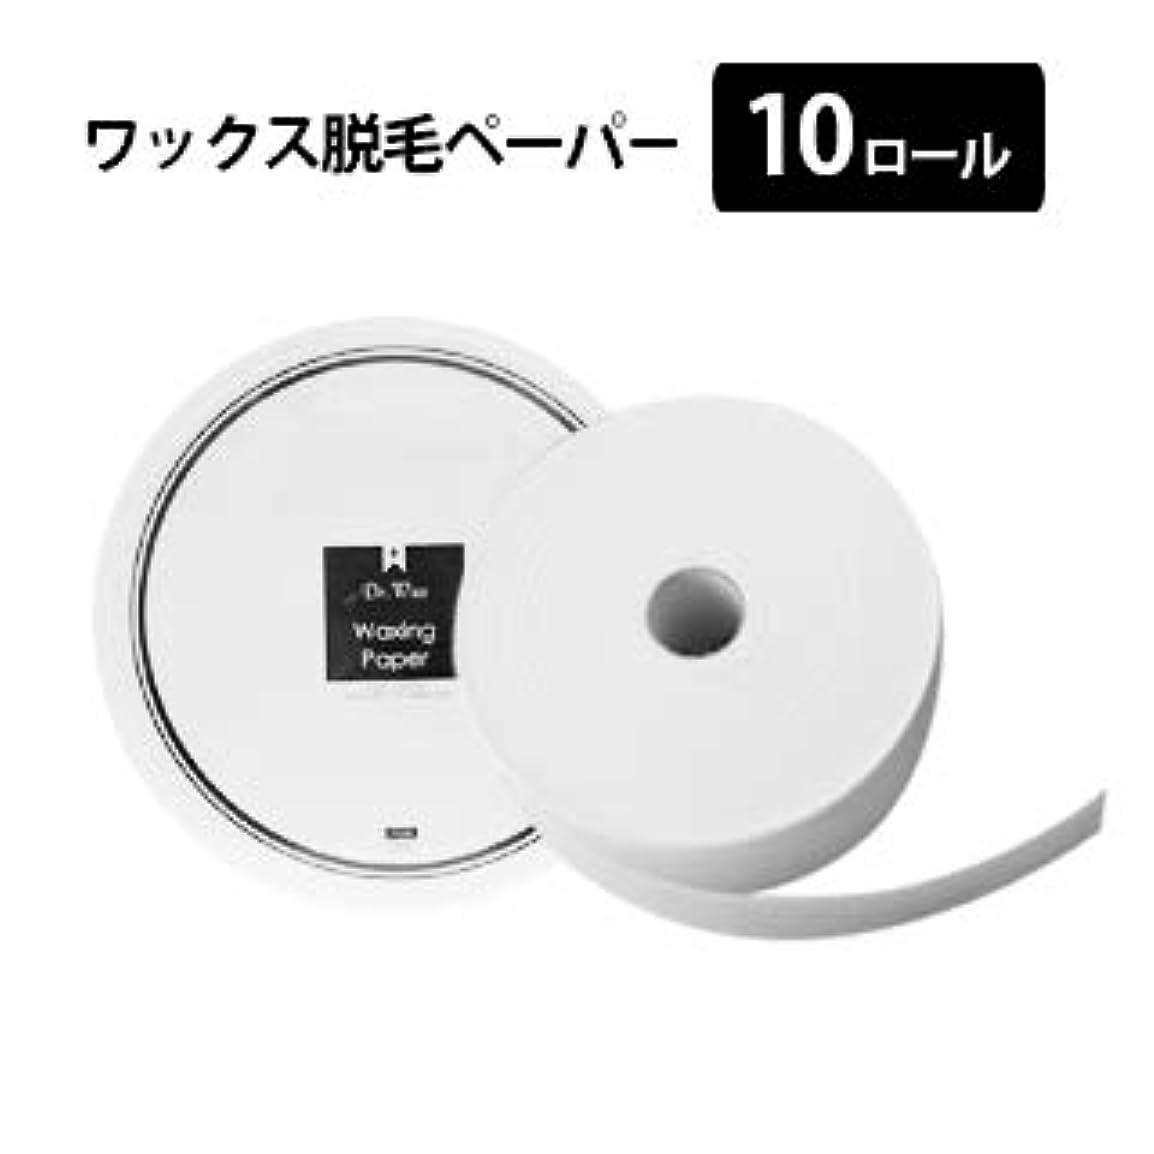 ドリンクダーベビルのテスミュウミュウ【10ロール】ワックスロールペーパー 7cm スパンレース素材